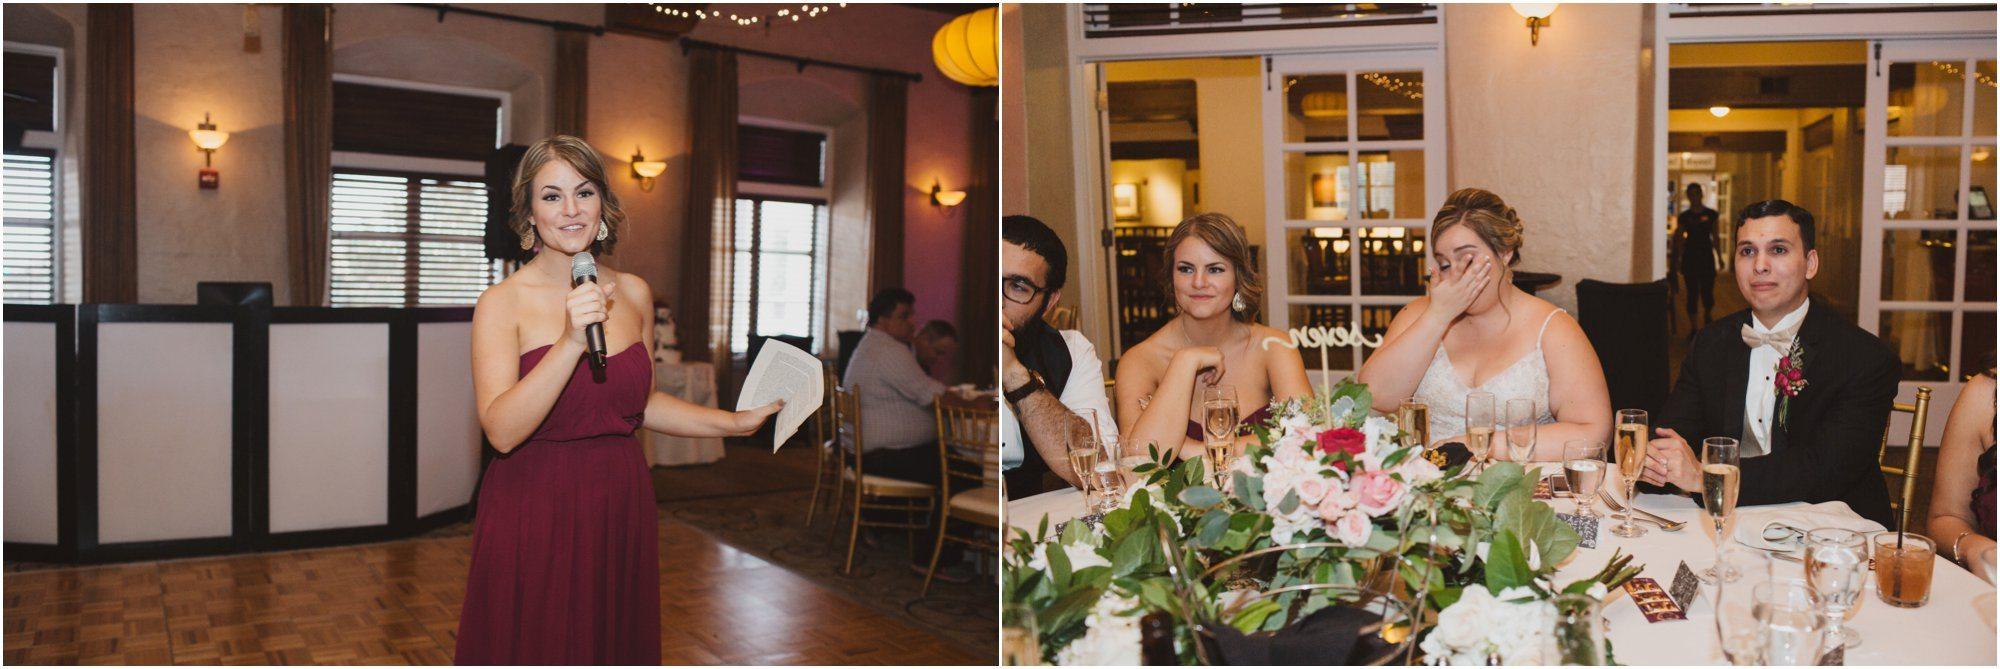 0027albuquerque-wedding-photography_-santa-fe-wedding-photographer_-blue-rose-studio